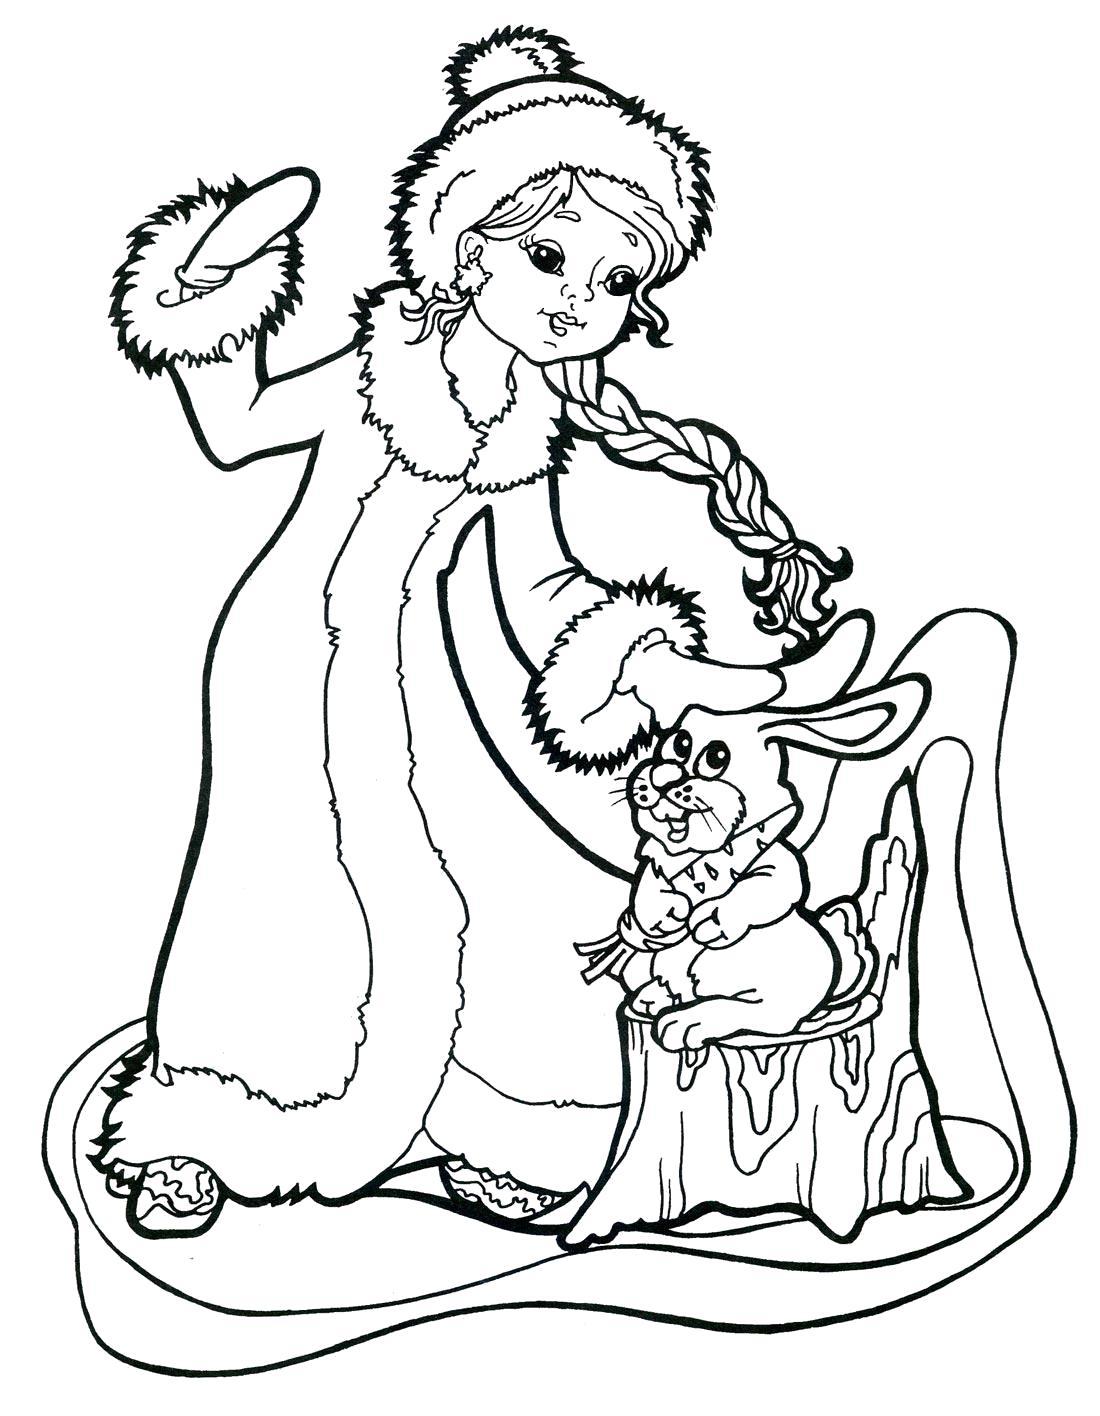 Раскраска новогодние , снегурочка. Скачать Снегурочка.  Распечатать Новый год